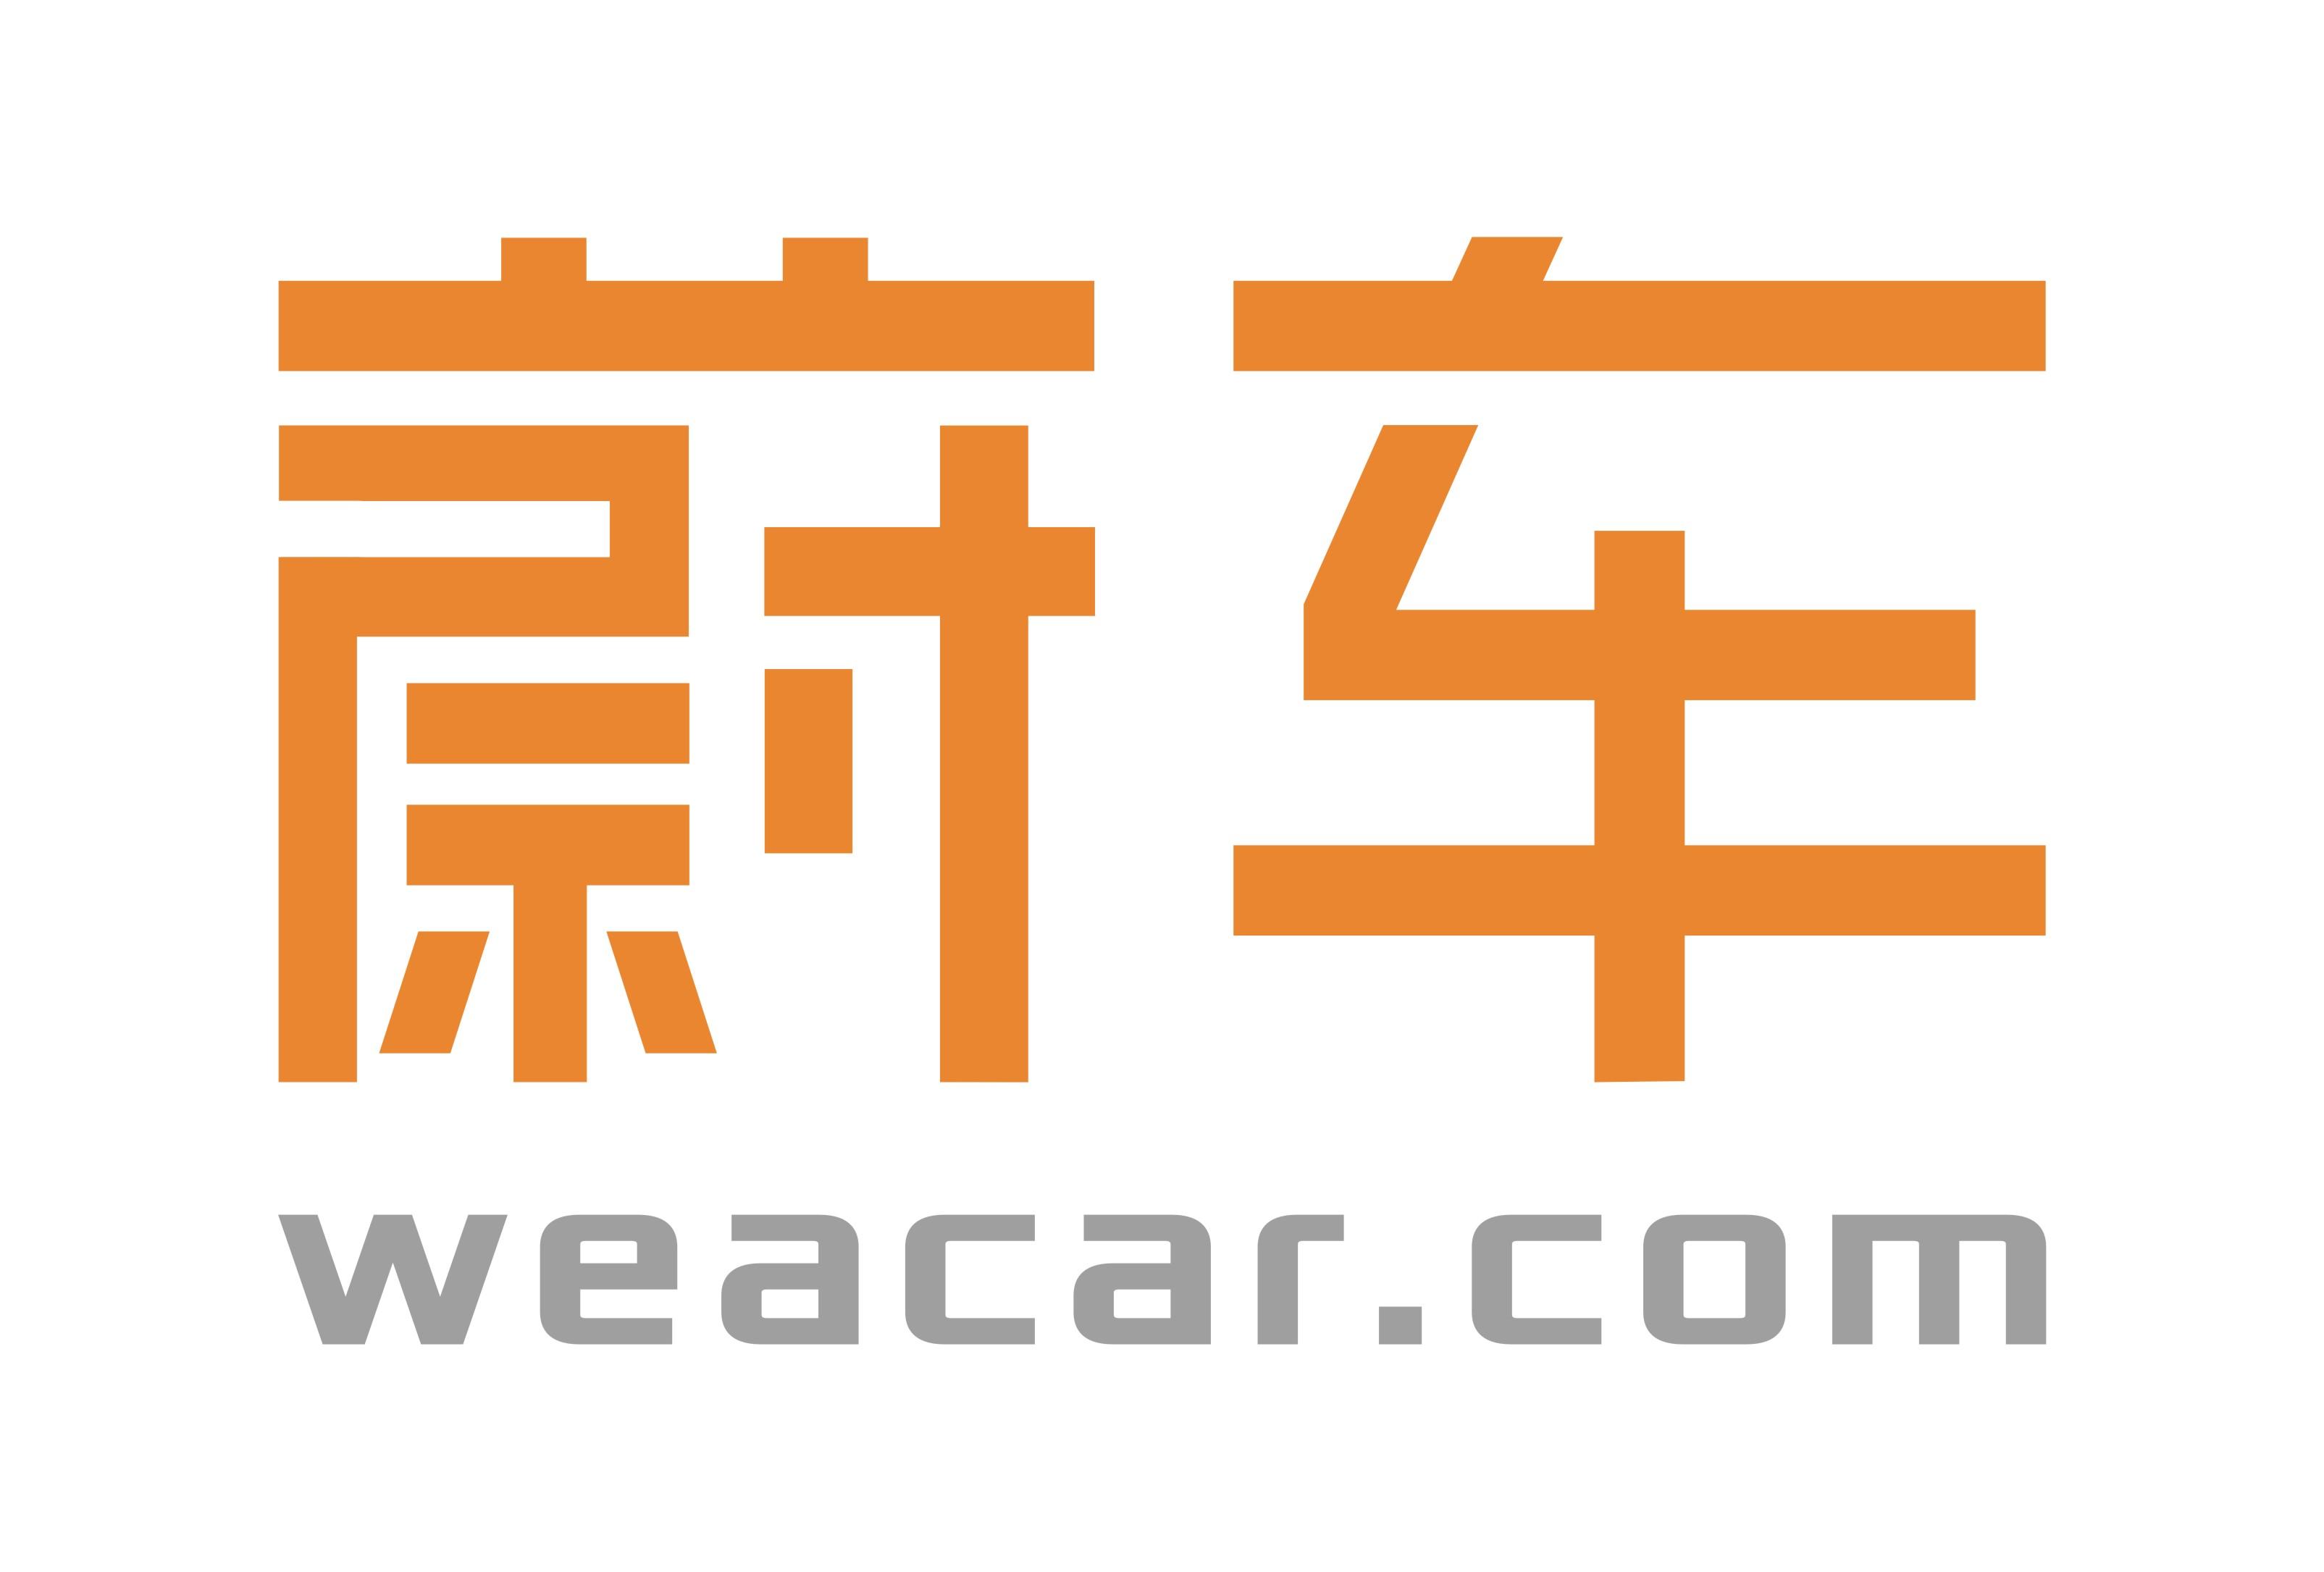 蔚車-廣東省營運中心(中山市鋒匯名車貿易有限公司)_國際人才網_www.kwujz.com